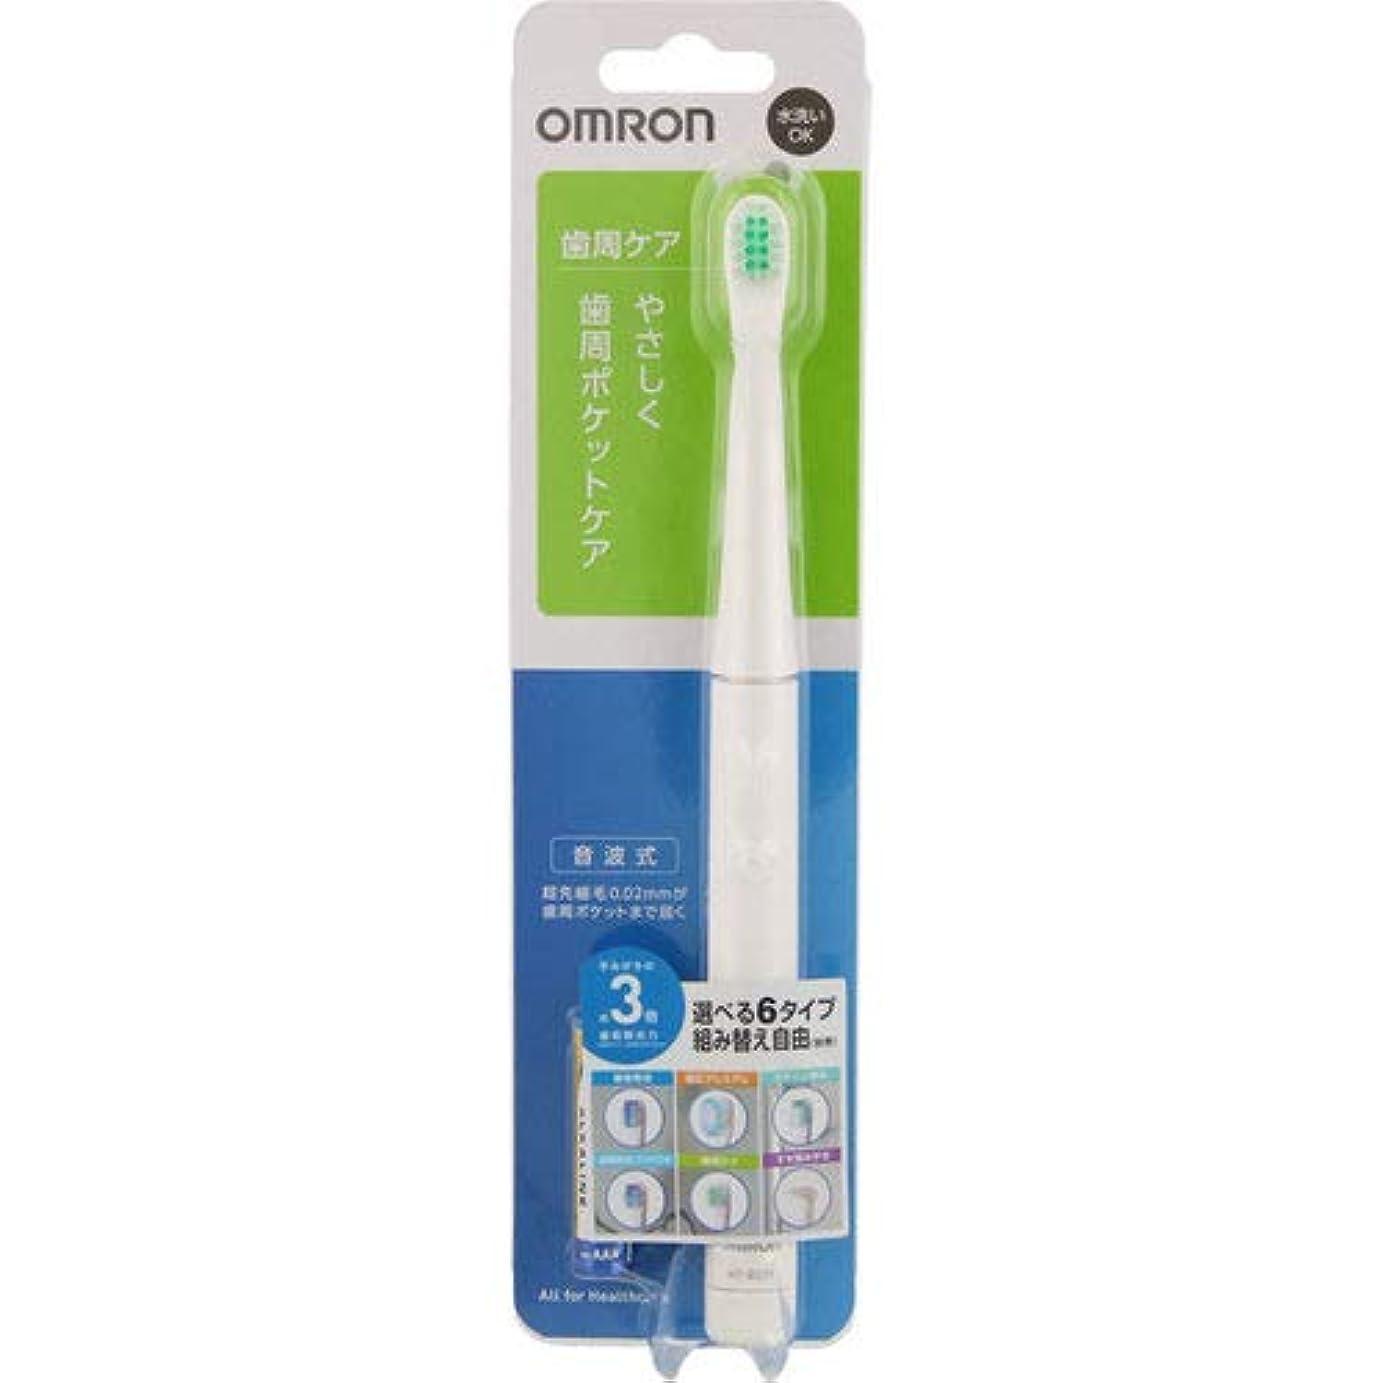 複雑でないガイドライン子羊オムロン 電動歯ブラシ HT-B221-W ホワイト 電池式